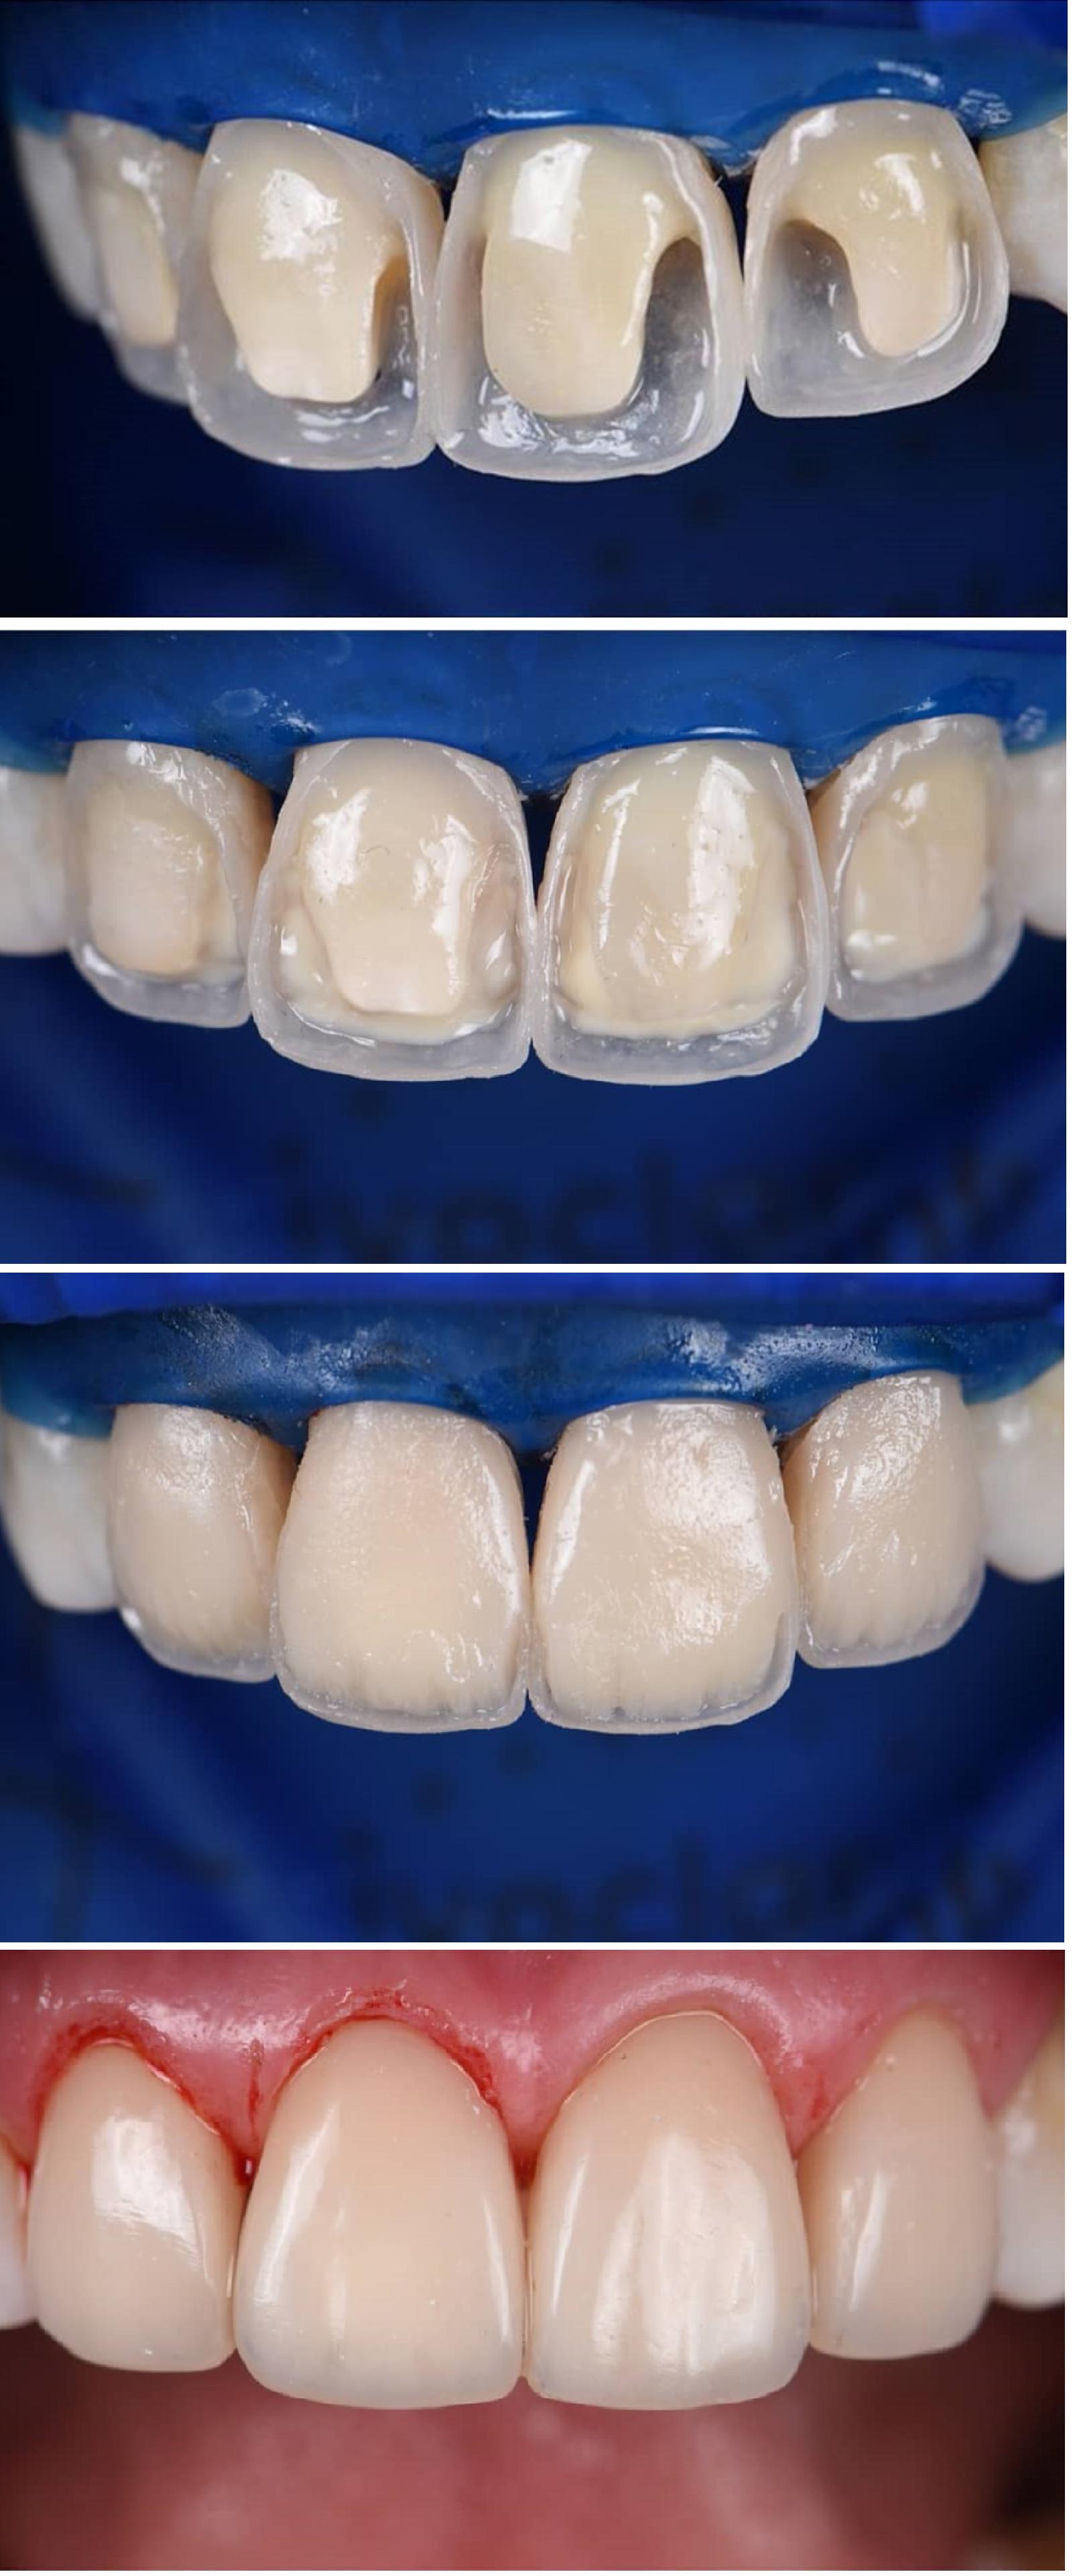 Aesthetic Composite Build Ups In The Anterior Region Cirugia Dental Caries Dental Estetica Dental